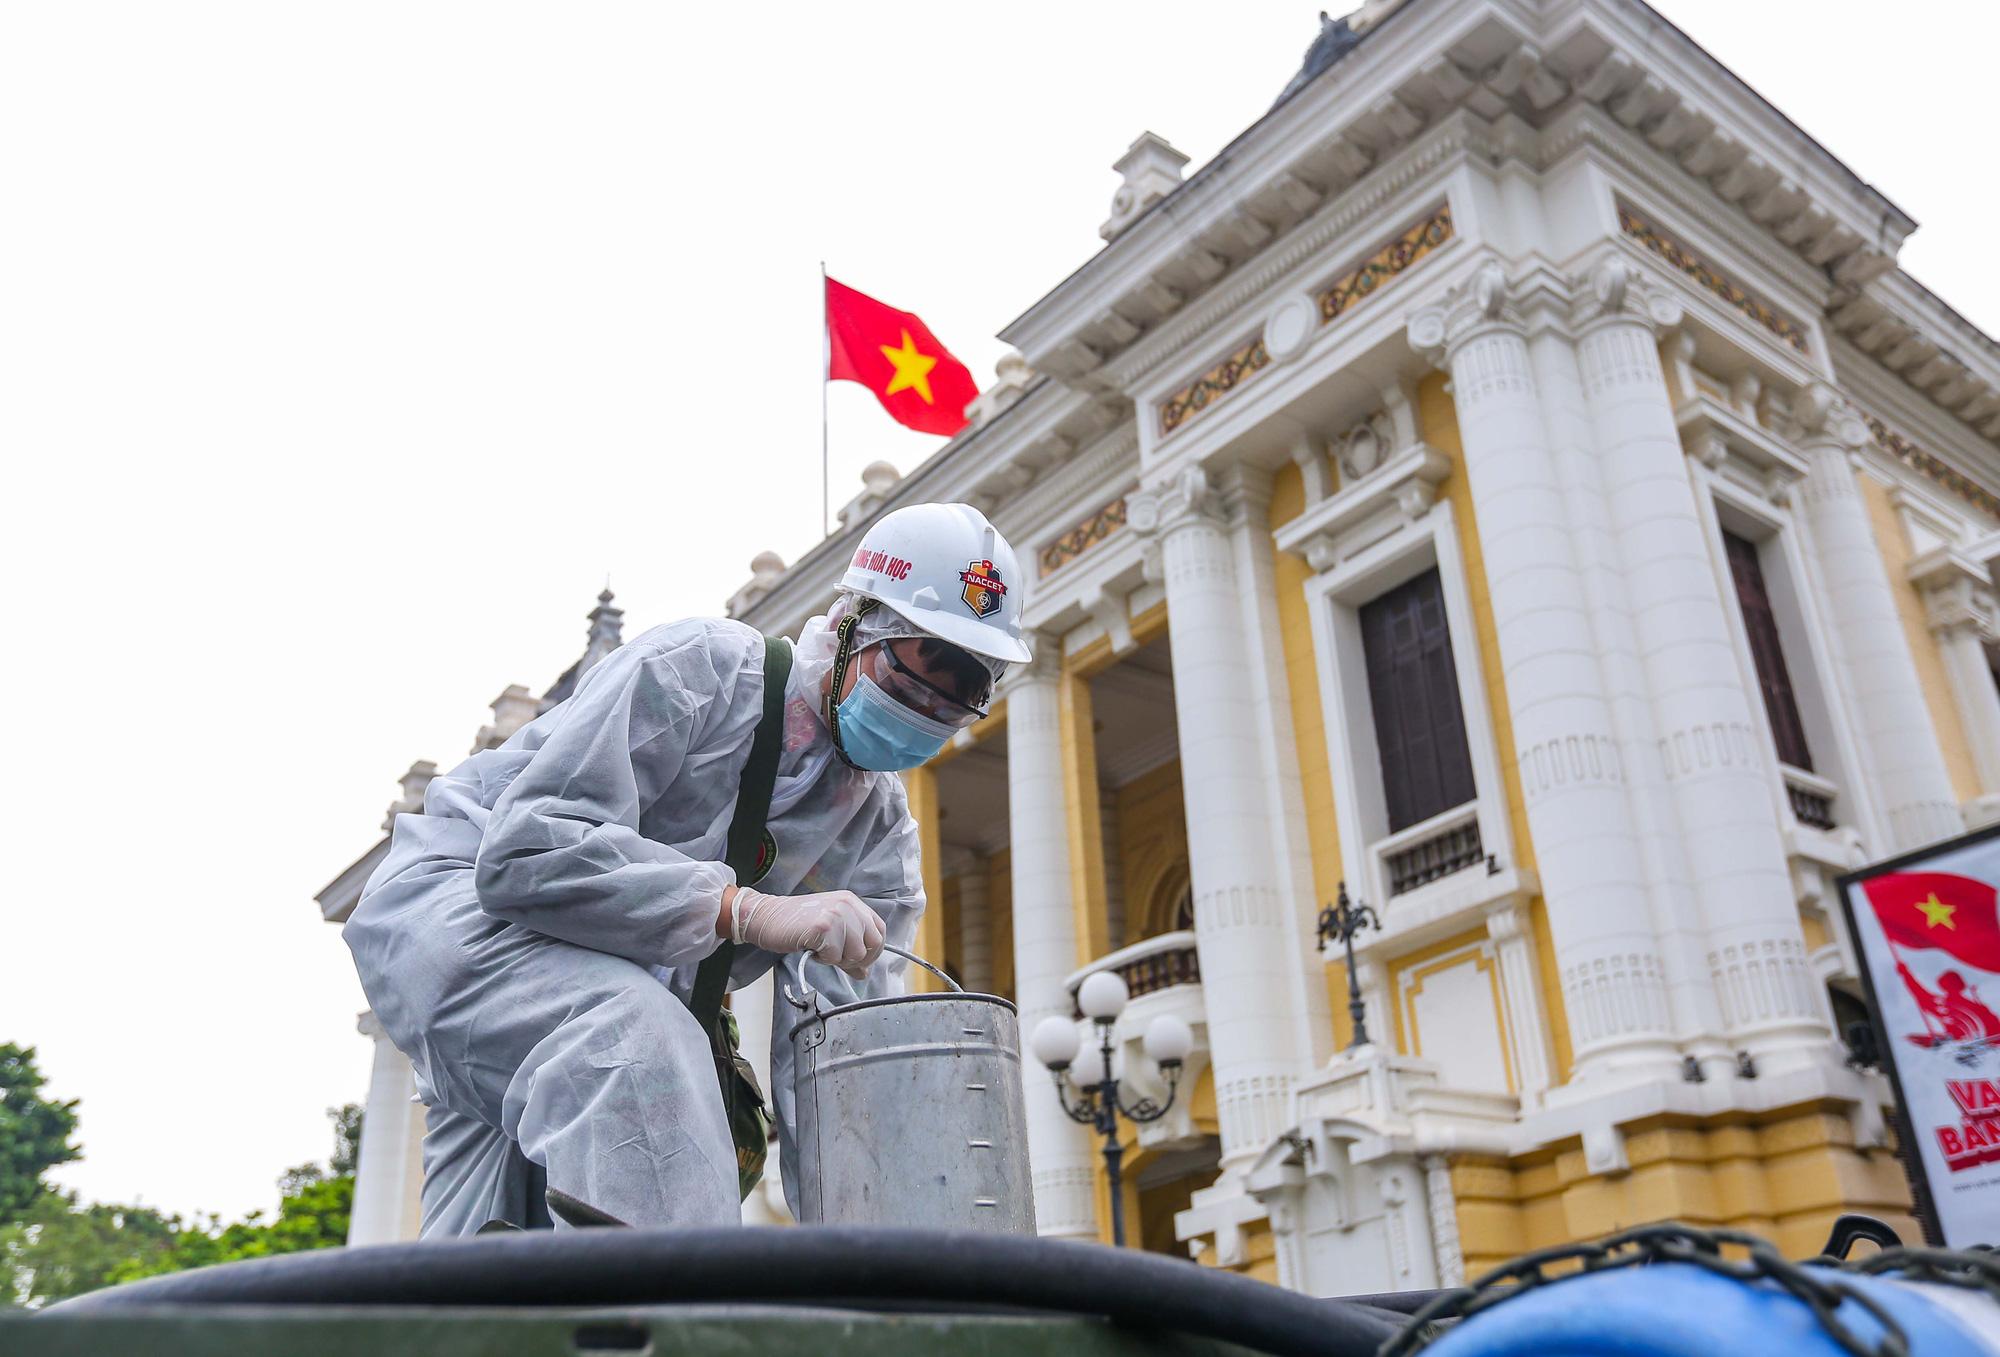 15 xe đặc chủng ra quân phun khử khuẩn ở thành phố Hà Nội - Ảnh 4.